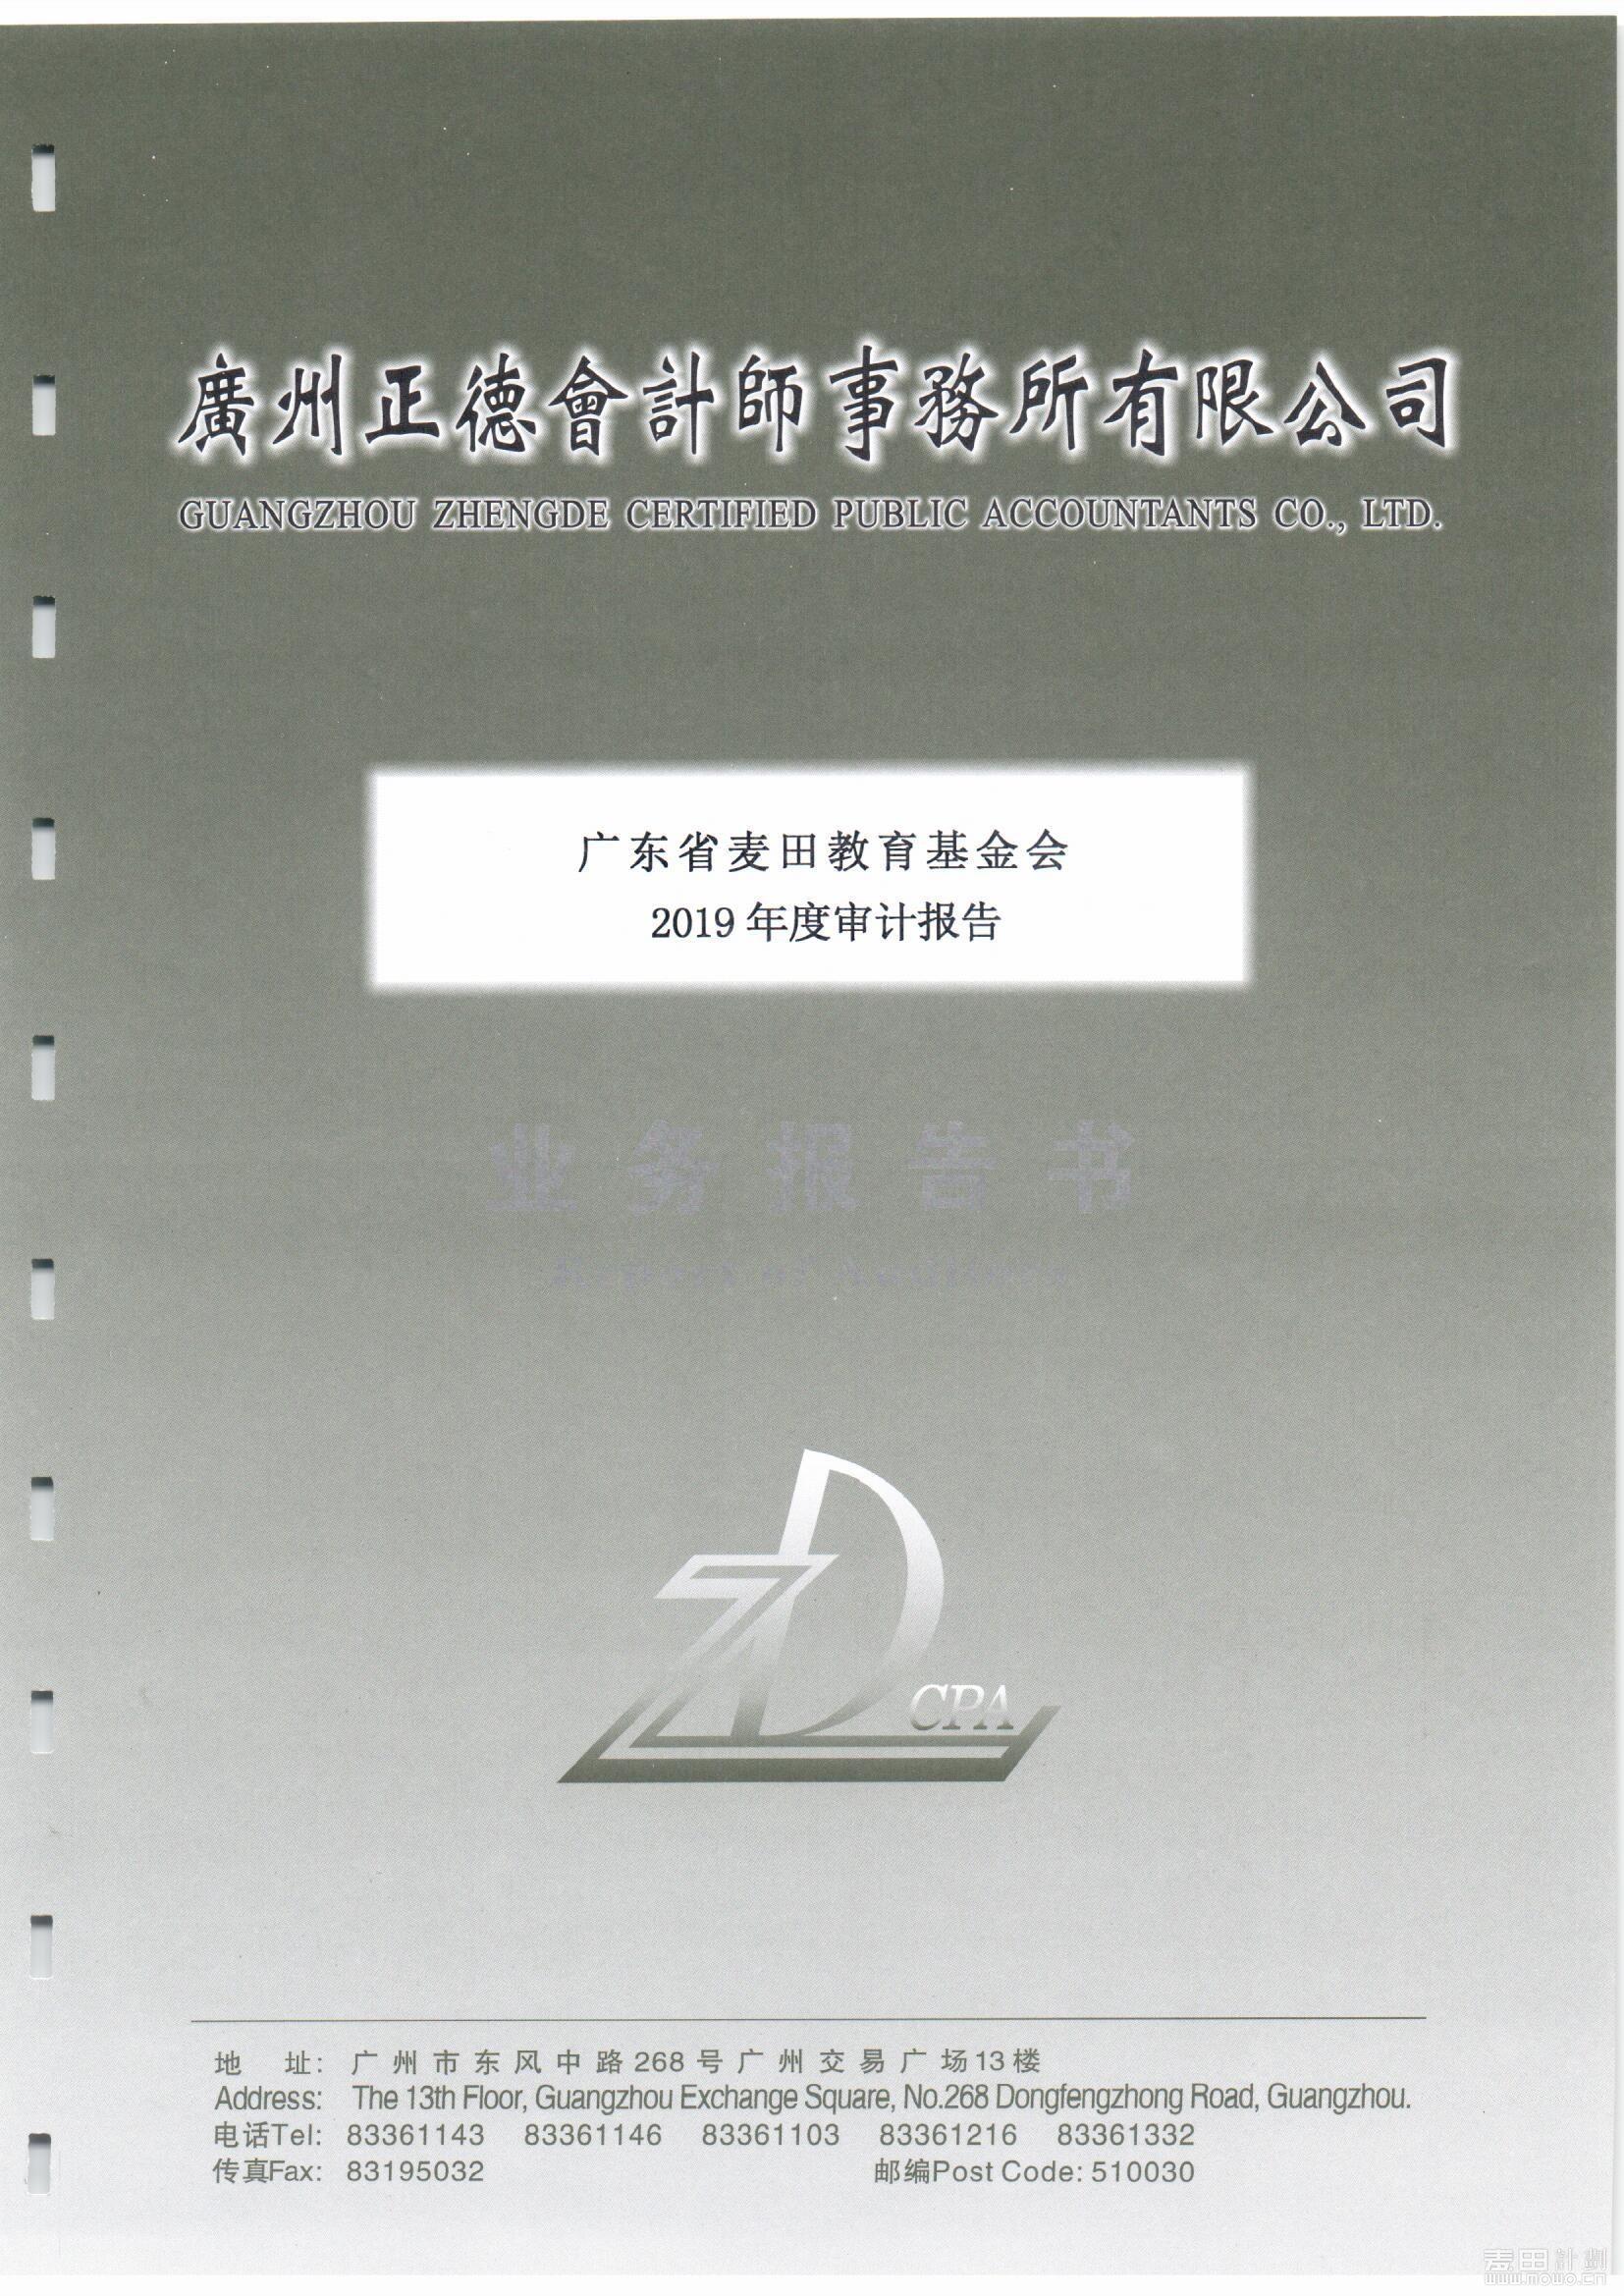 麦田教育基金会2019年度审计报告_页面_01.jpg